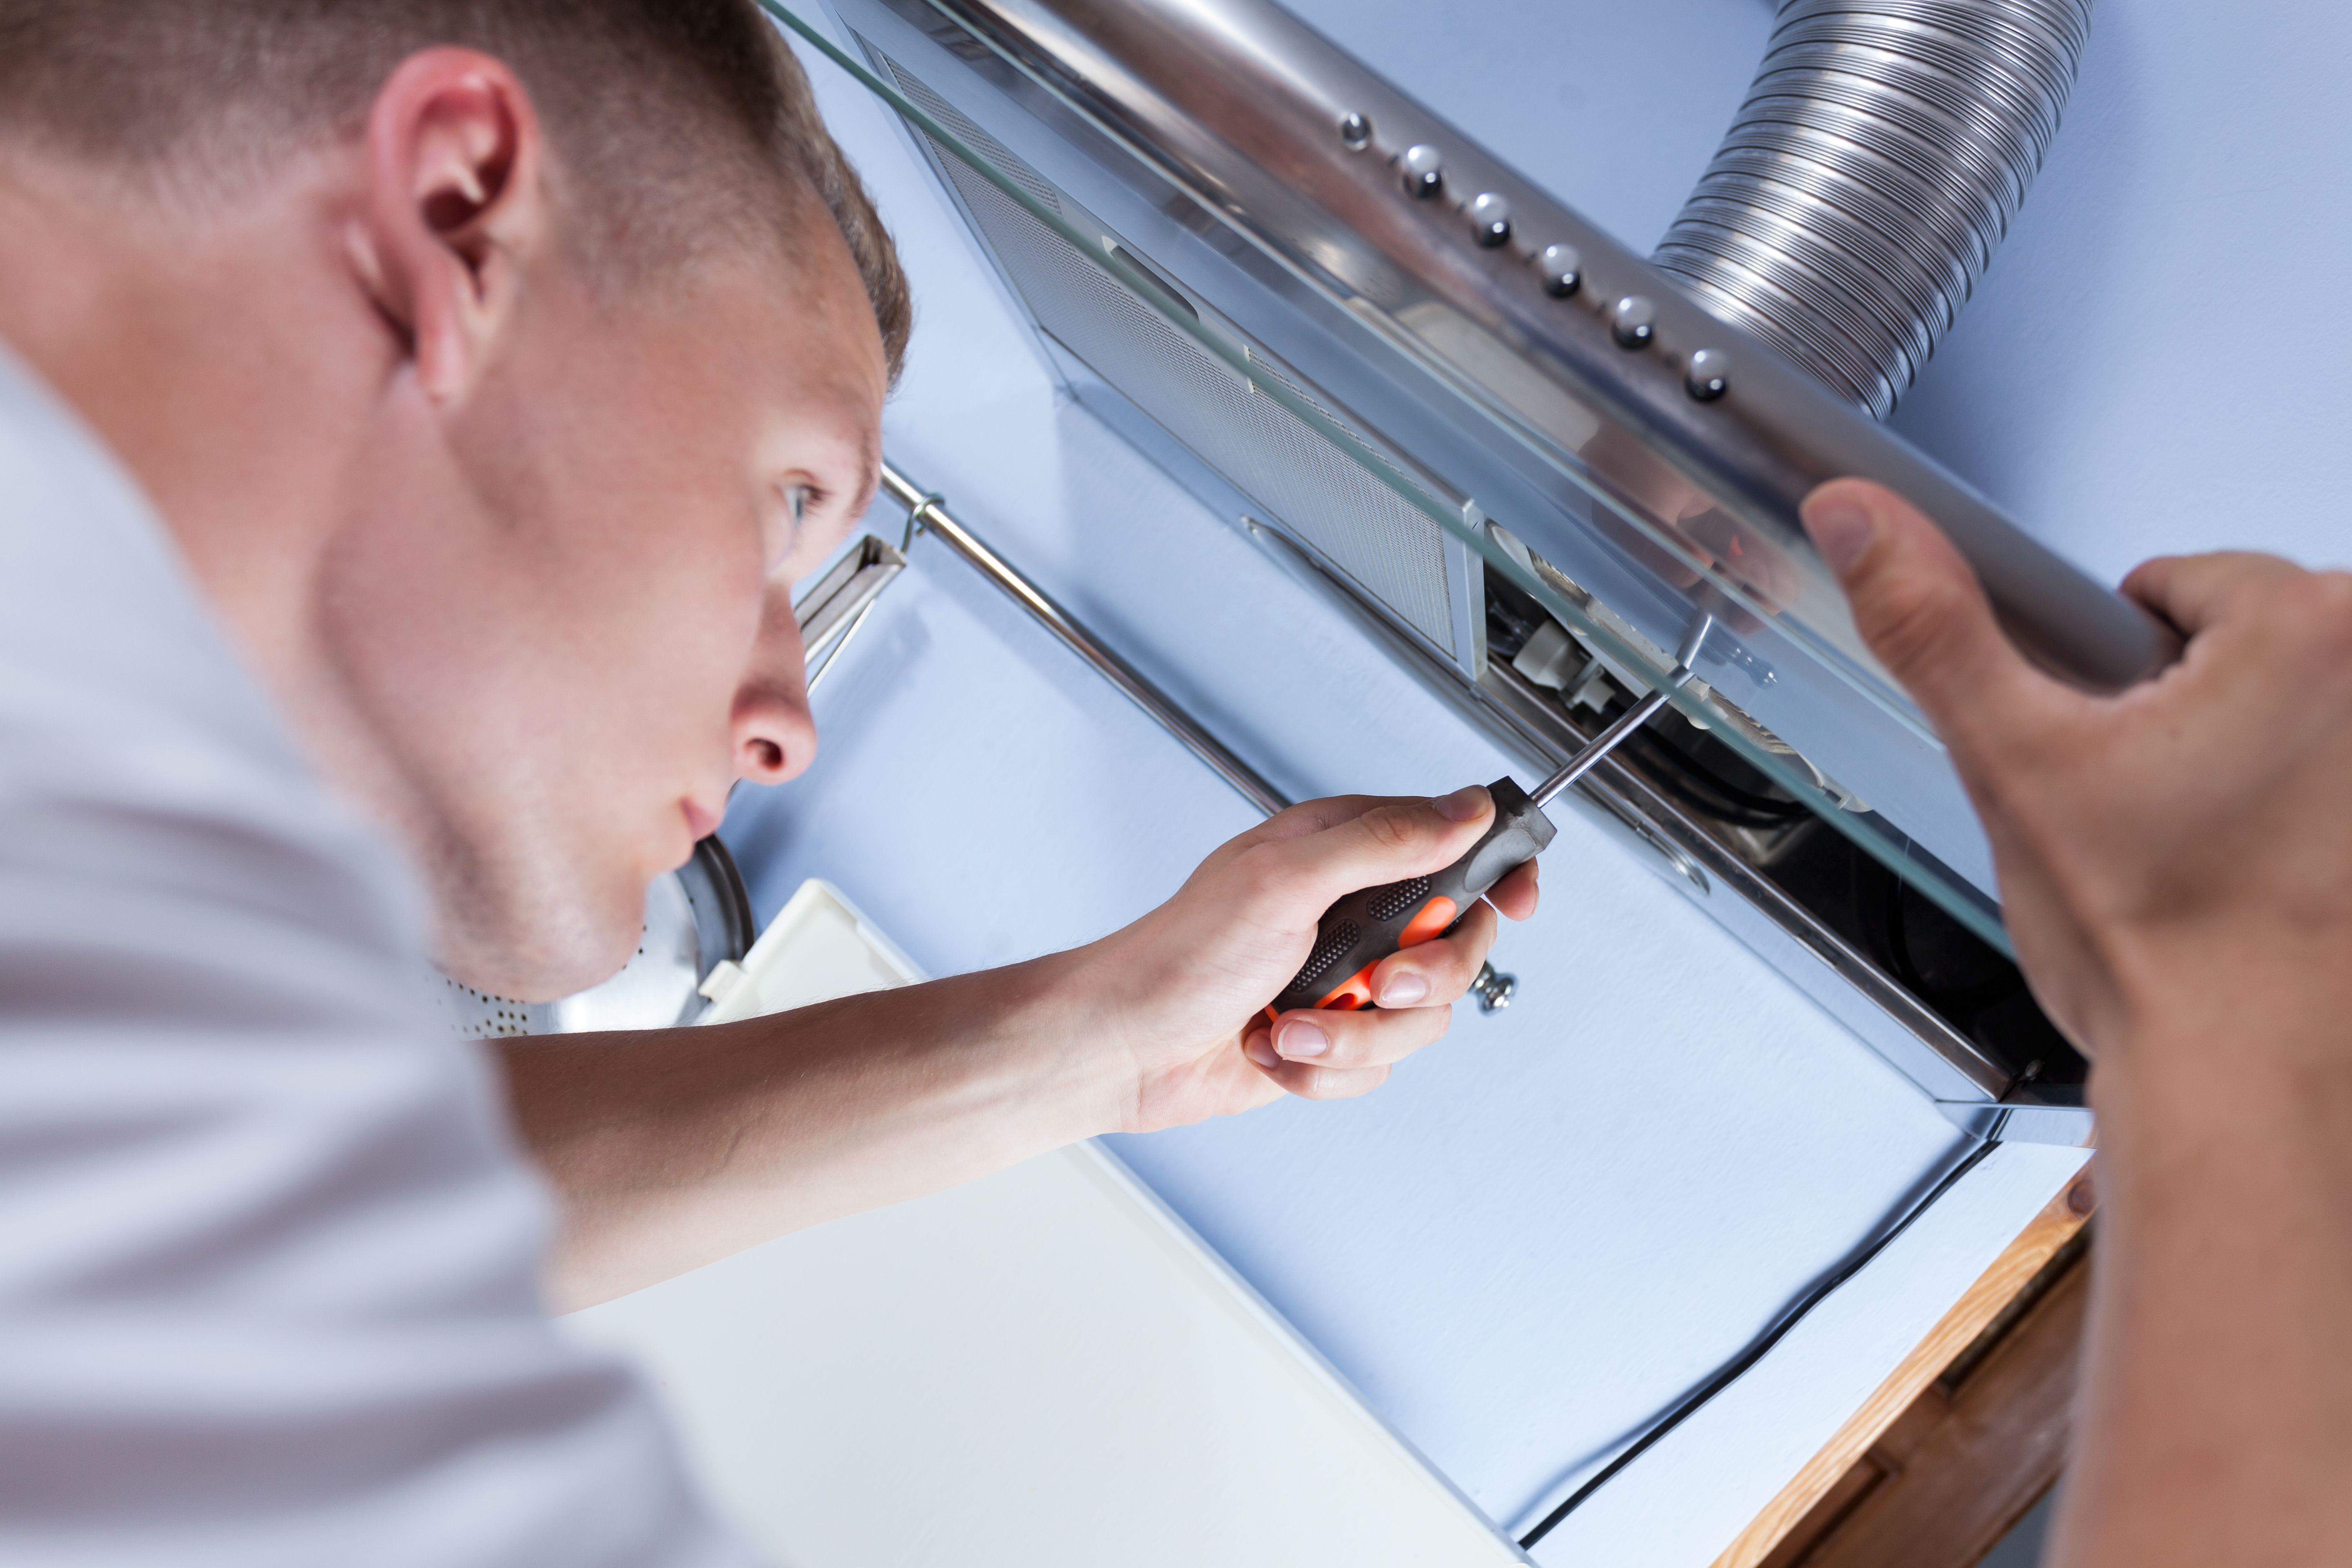 Reparación de electrodomésticos: Servicios de Electro Costa Sol